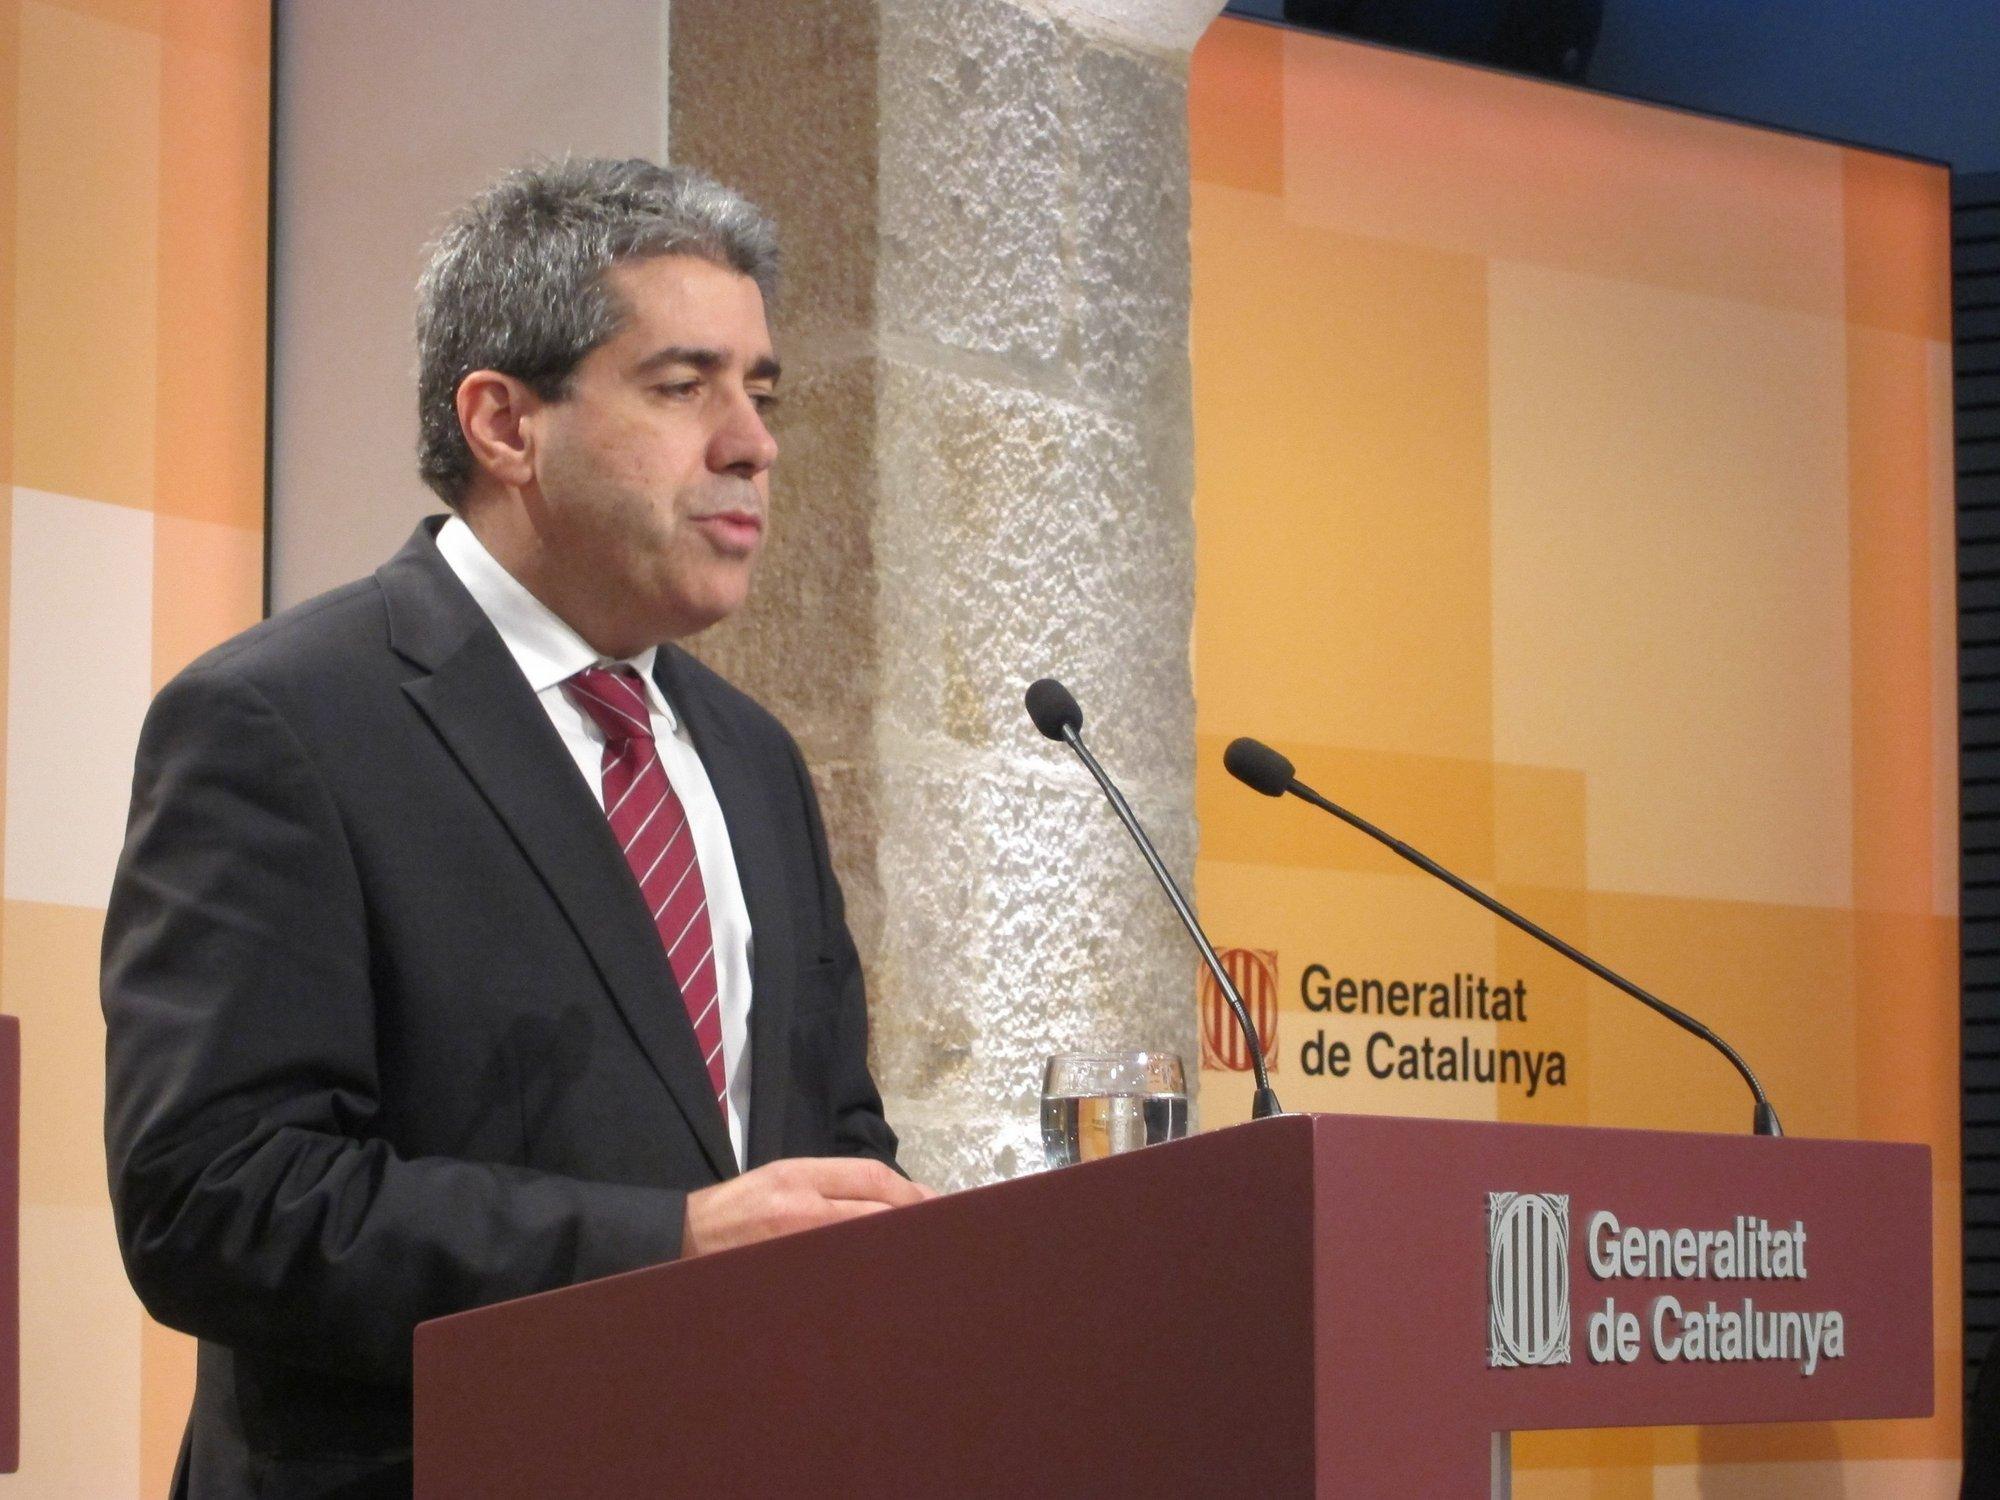 Cataluña recalca que Eurovegas debe cumplir con la ley y emplaza a la prudencia